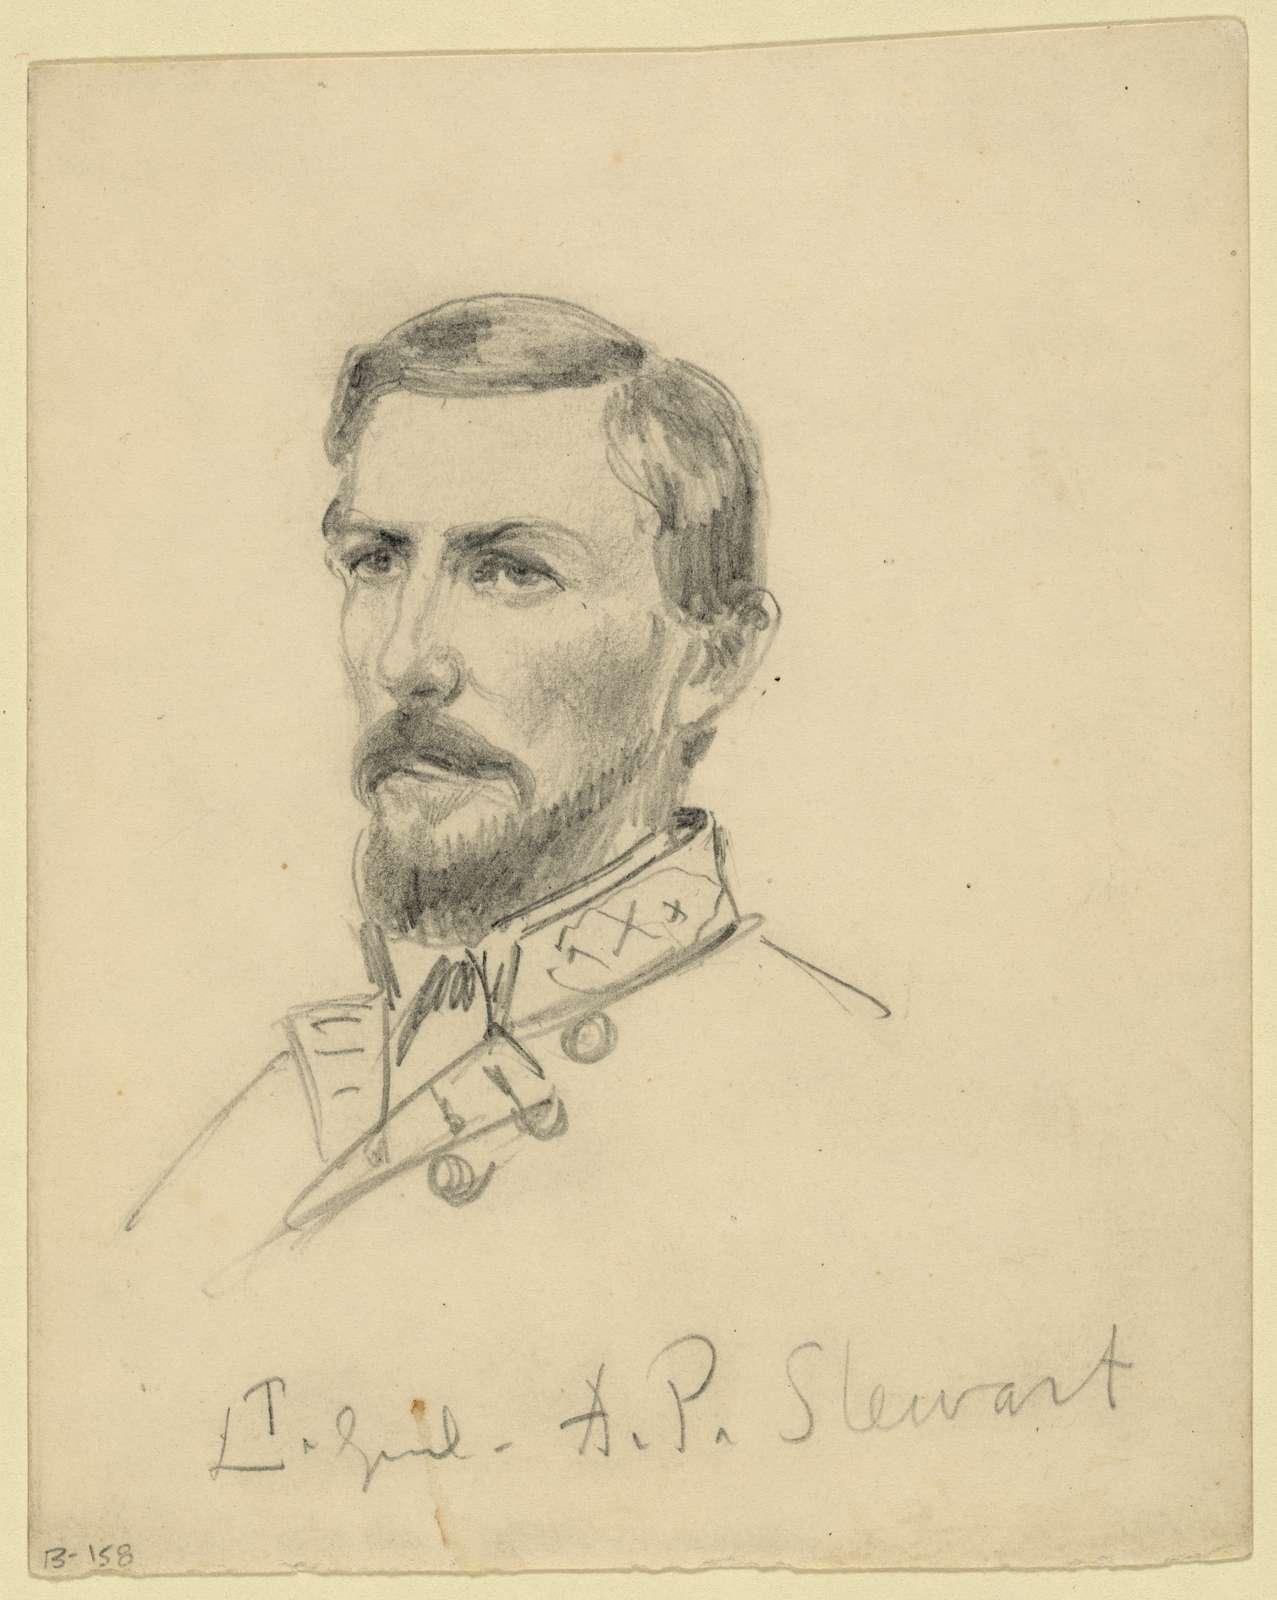 Lt. Genl. A.P. Stewart